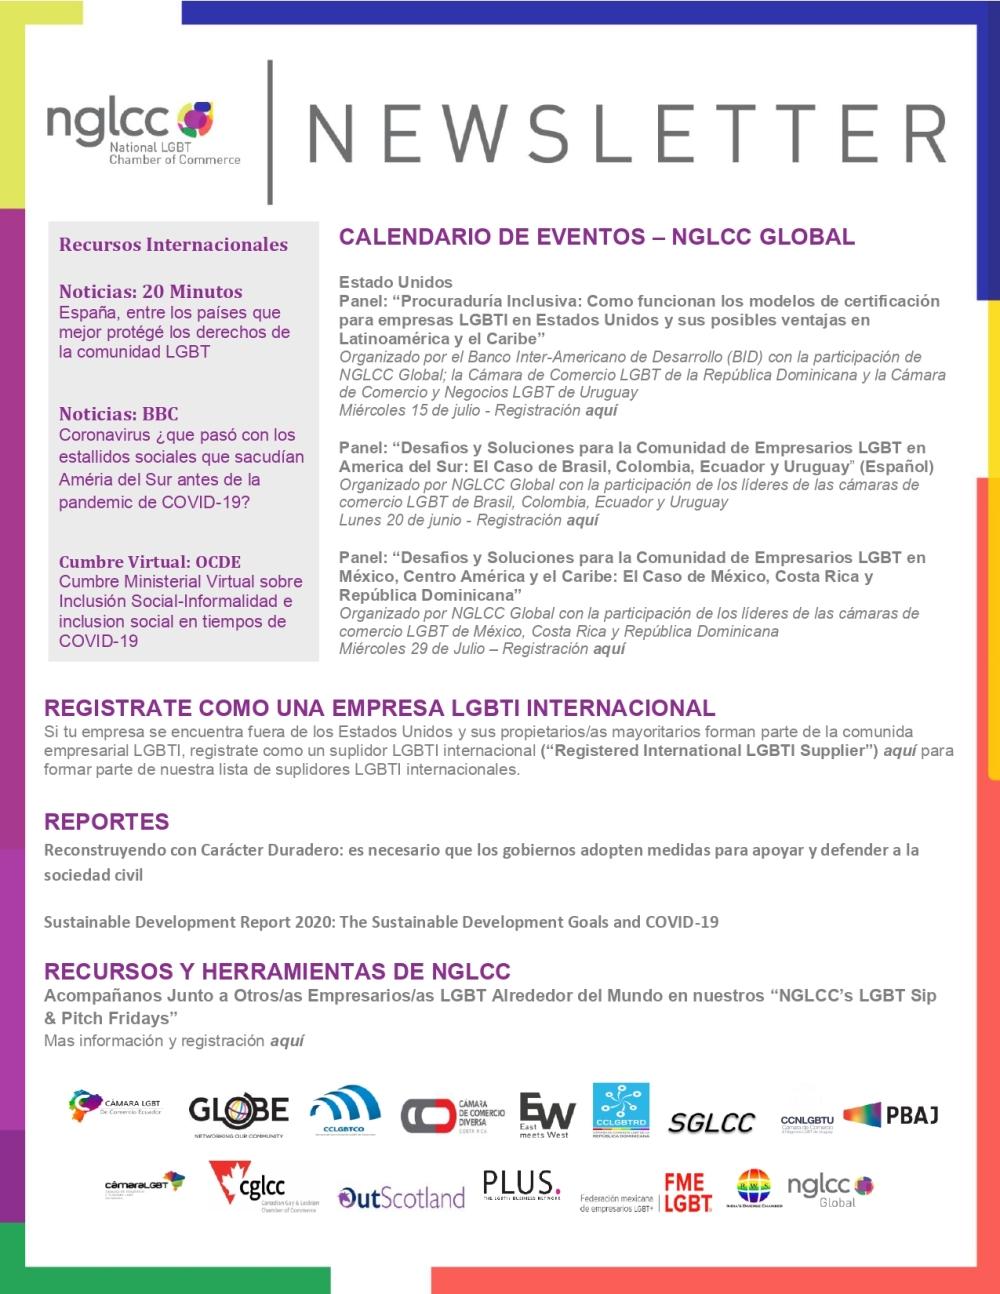 Global Newsletter NGLCC - Cámara LGBT Ecuador